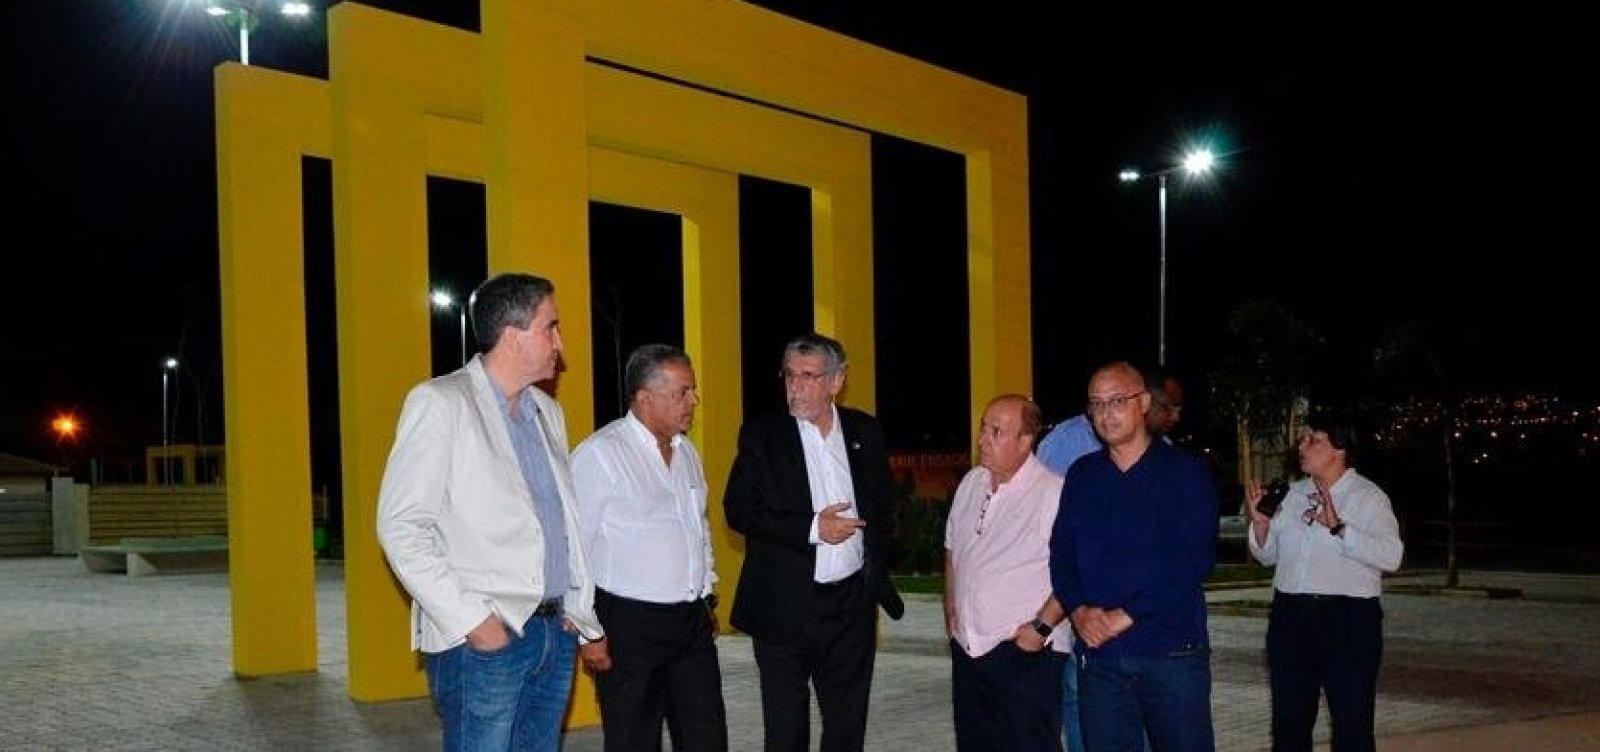 Vitória da Conquista: obras da Praça Norberto Aurich estão em reta final